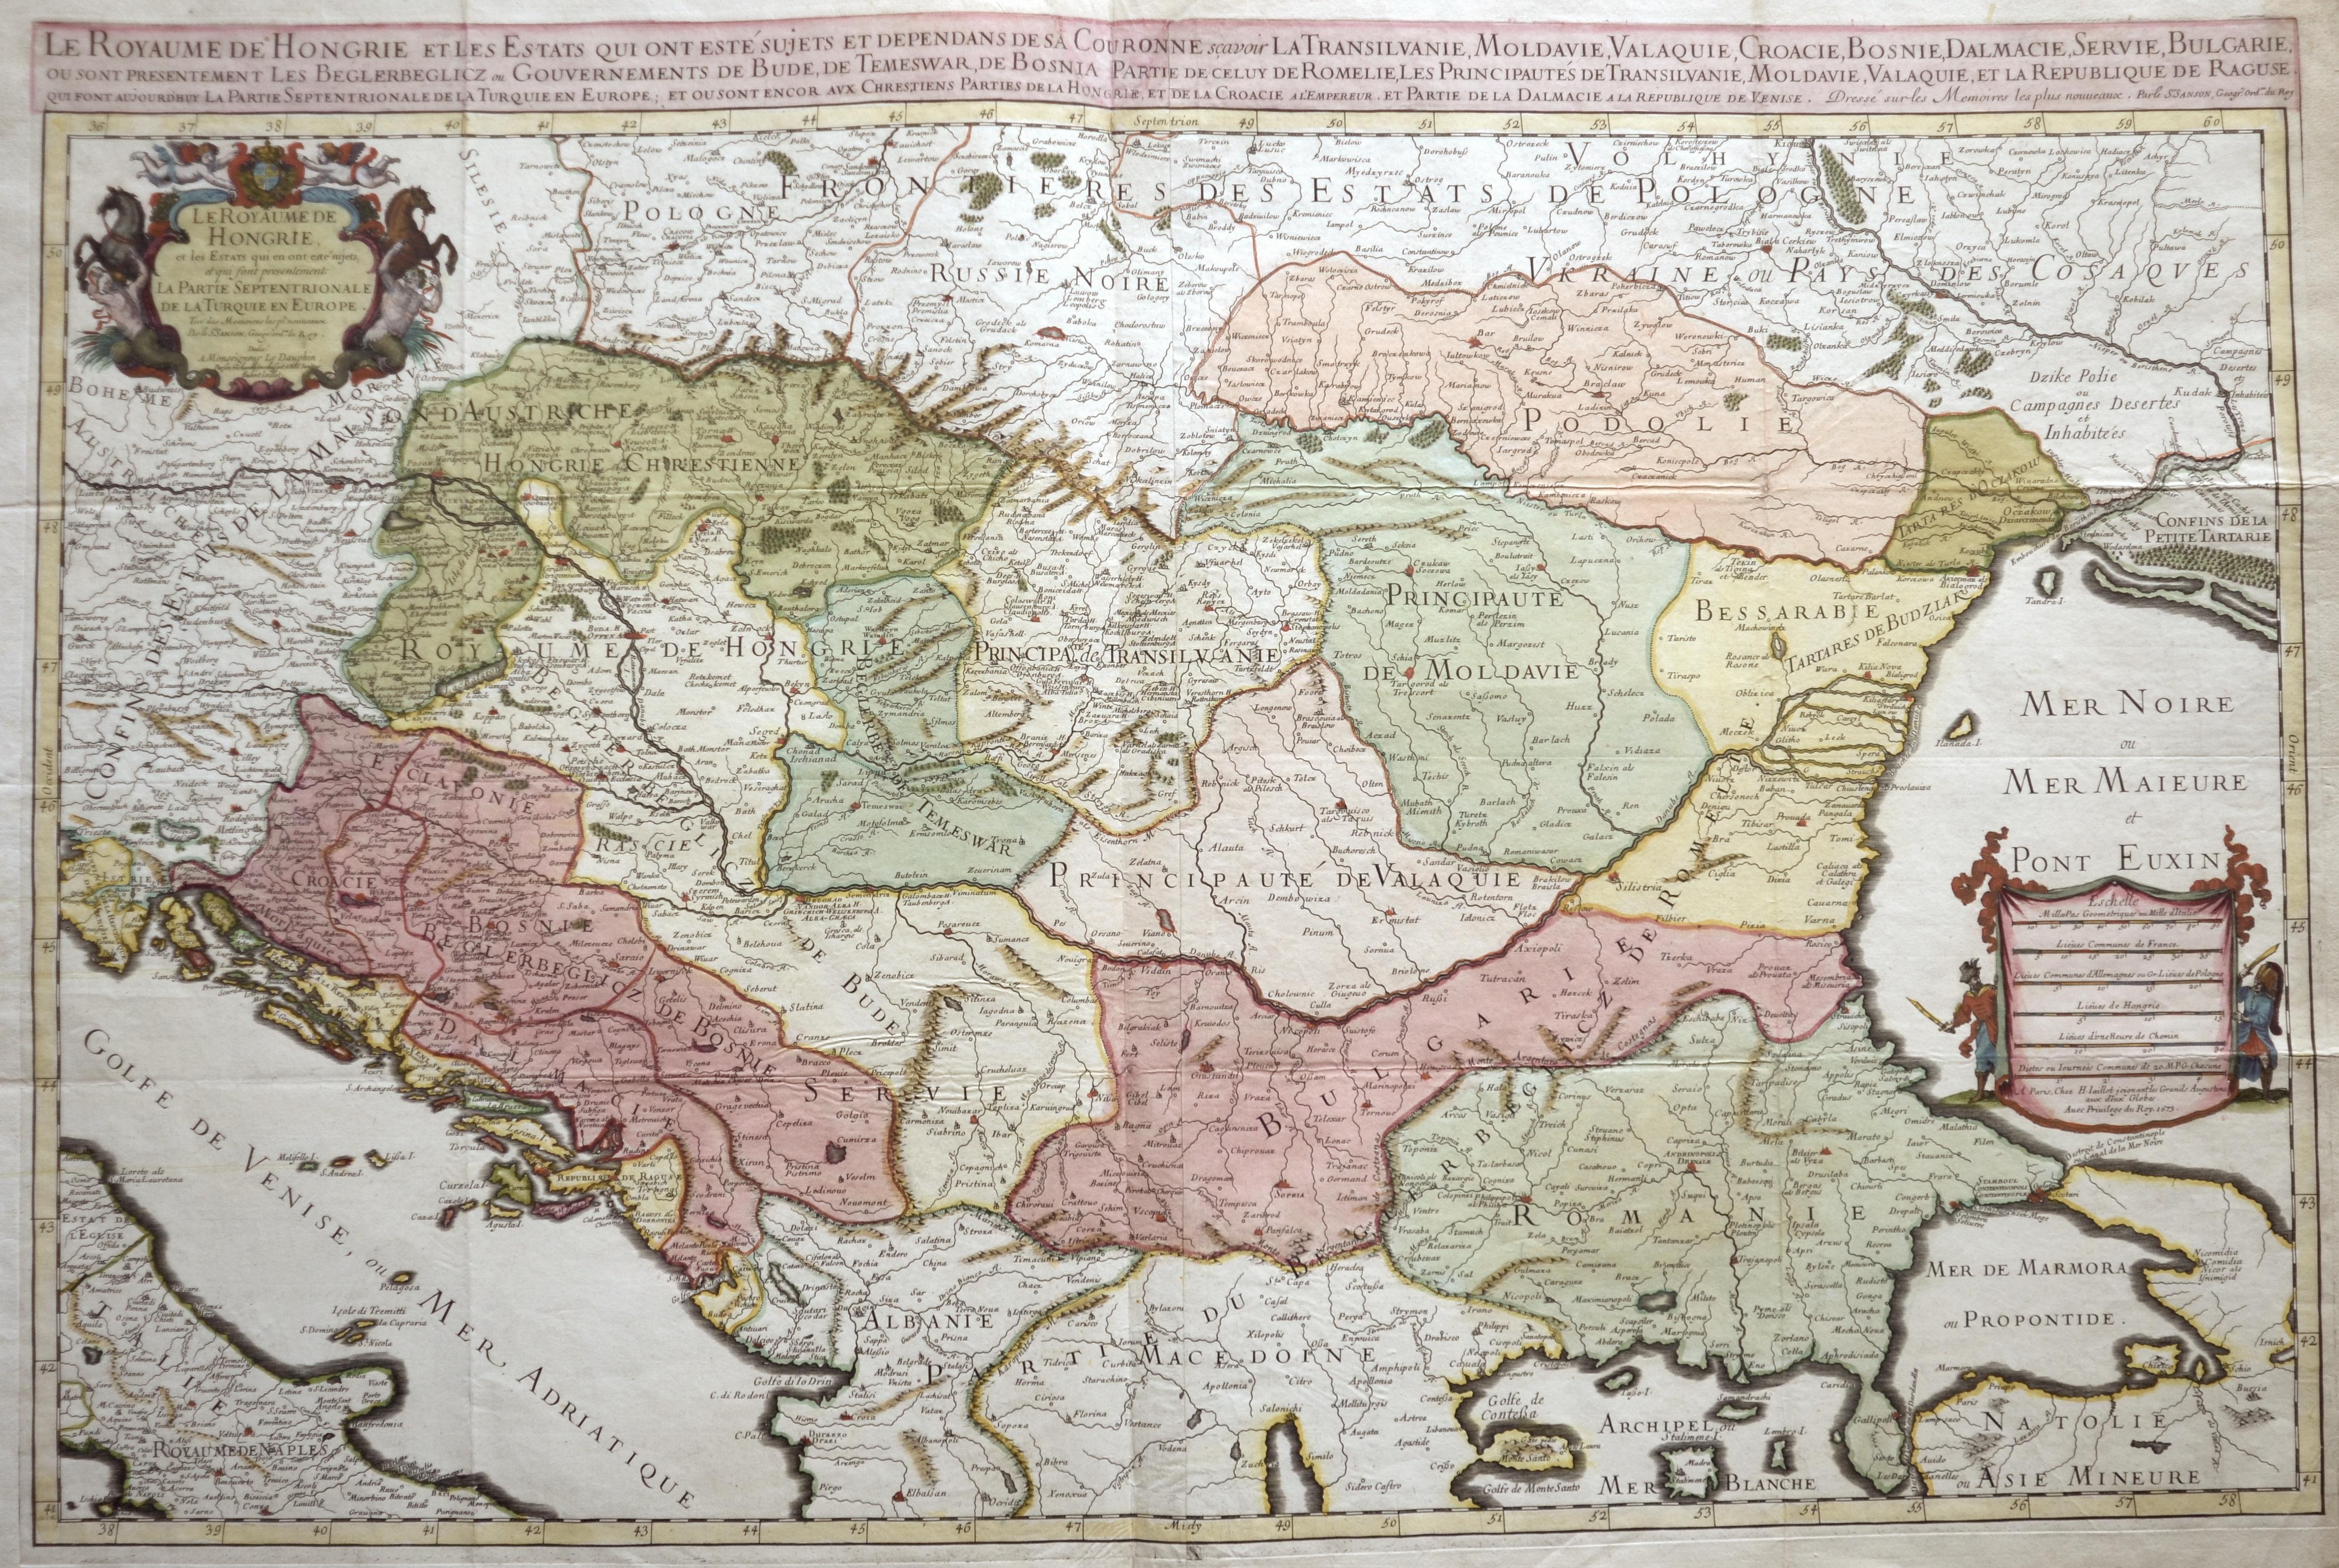 Jaillot/ Sanson Hubert/ Nicolas Le Royaume de Hongrie et les estats qui ont esté sujets et dependand de sa Couronne scavoir la Transilvanie, Moldavie, Valaquie, Croacie, Bosnie,..